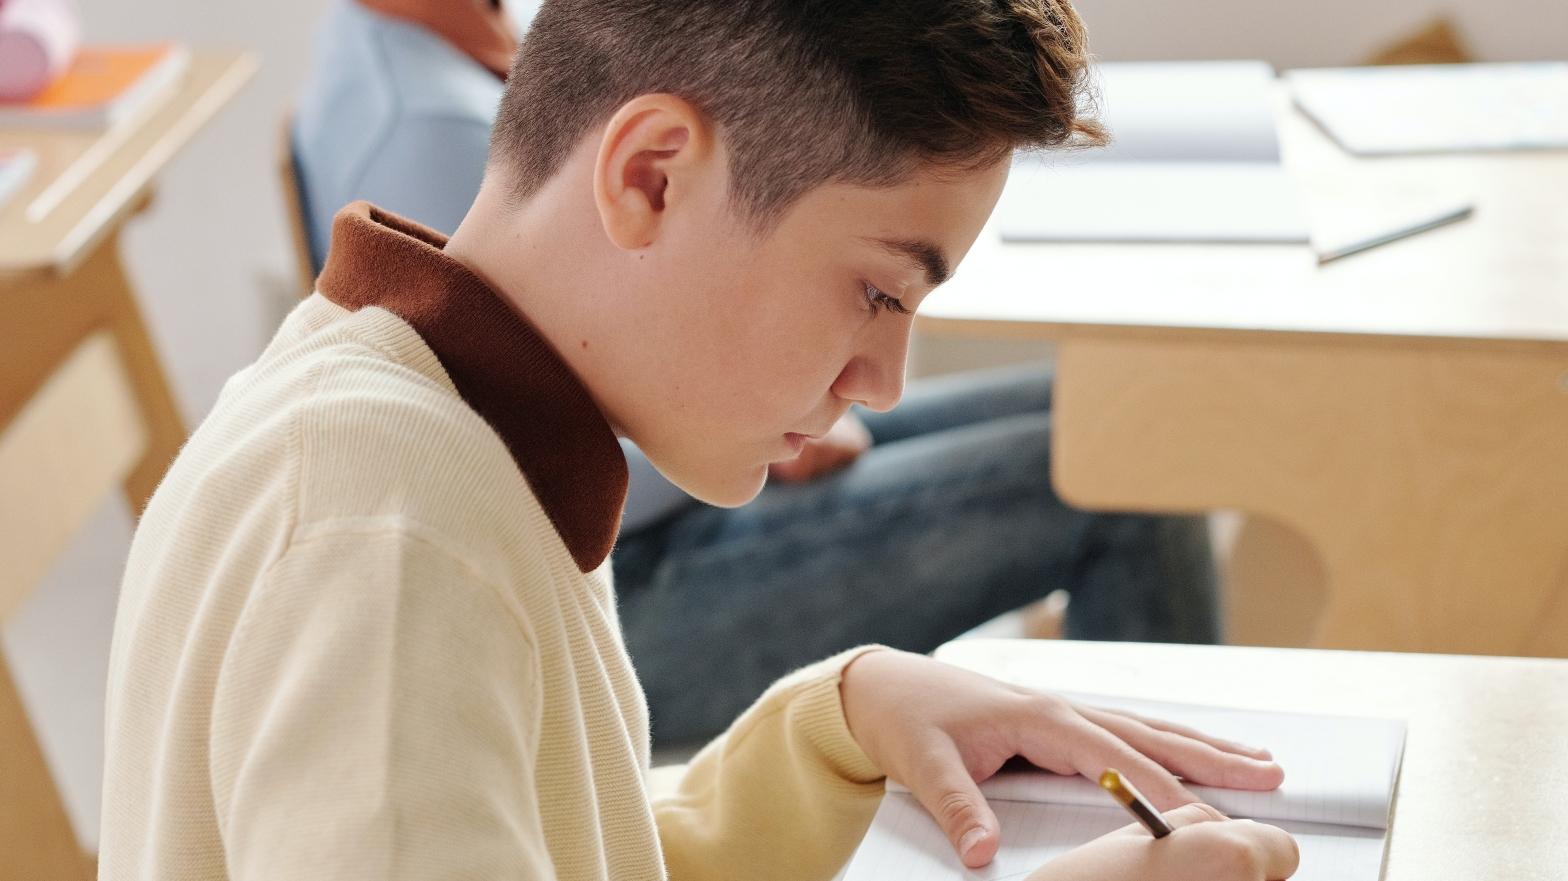 a boy in school writing something down